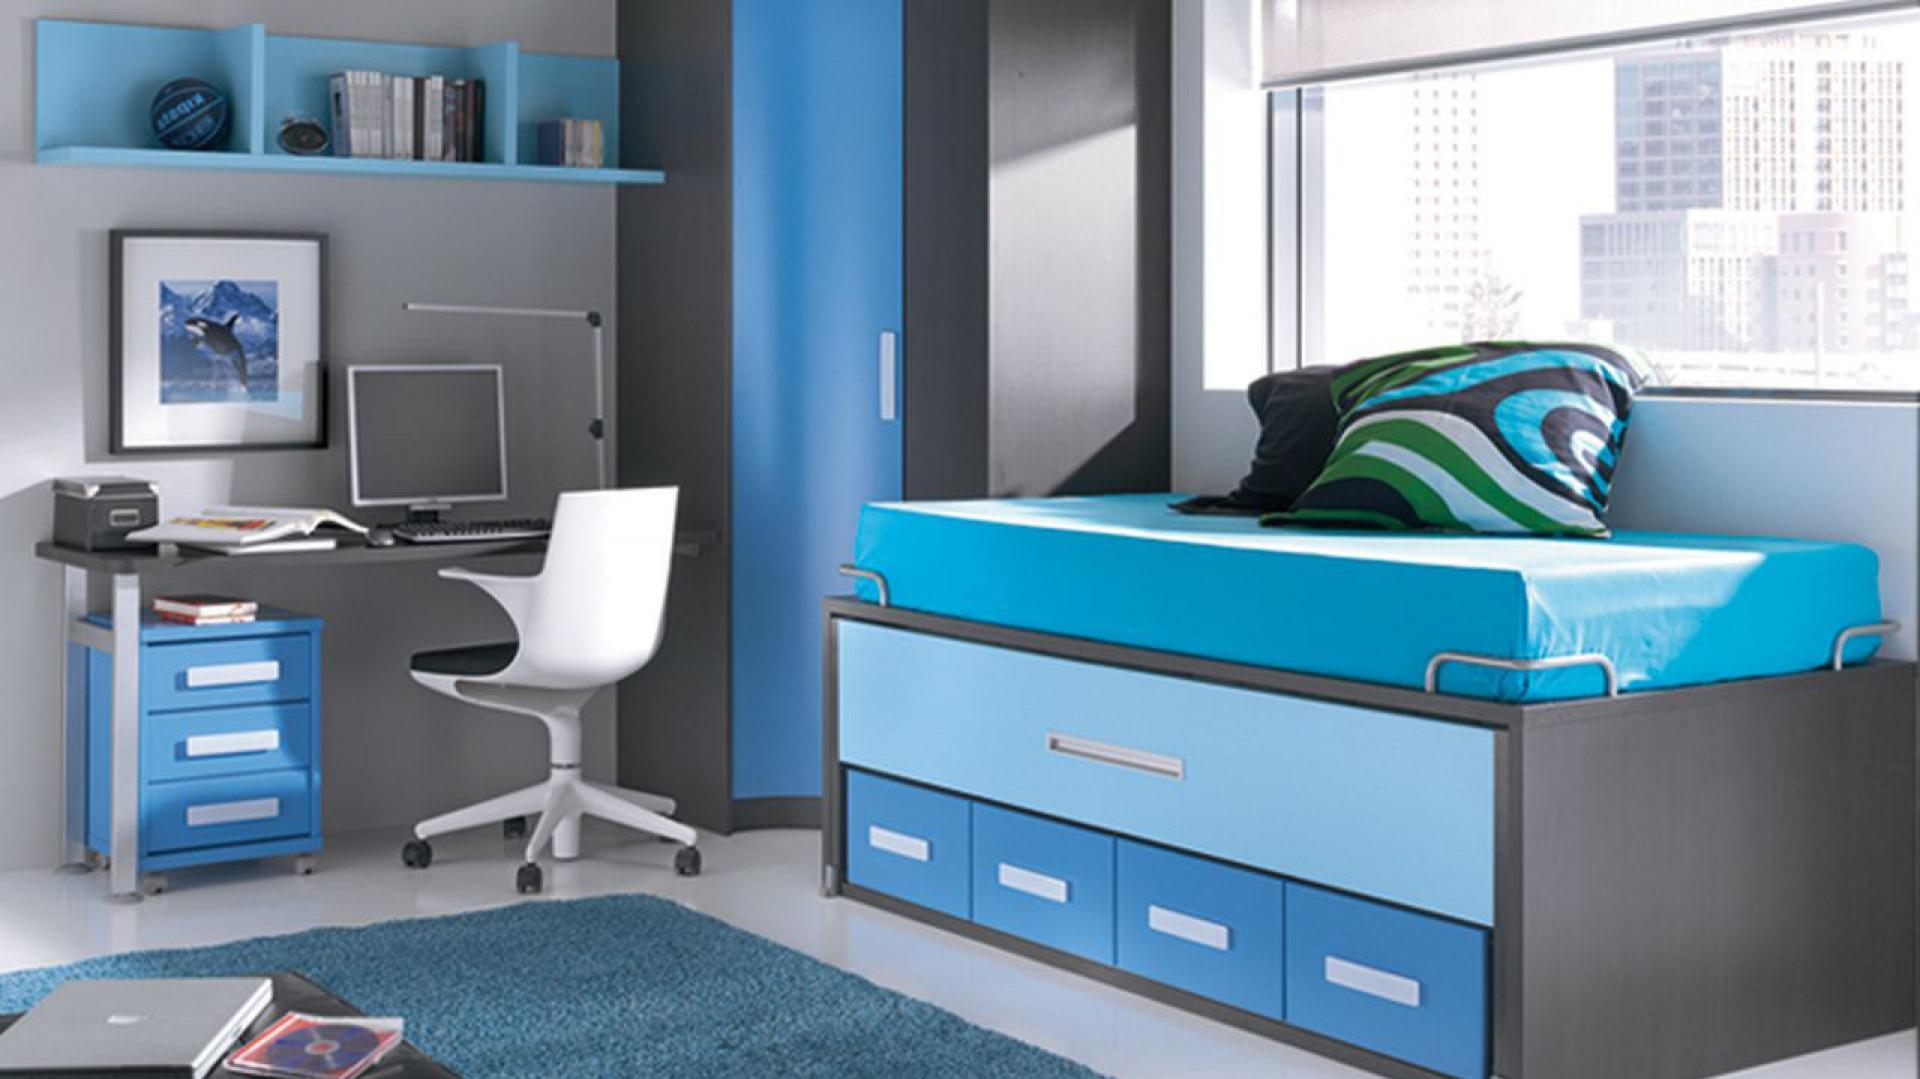 szaro niebieski pok j dla niebieski pok j dziecka 15 pomys w na wn trze w uniwersalnym. Black Bedroom Furniture Sets. Home Design Ideas